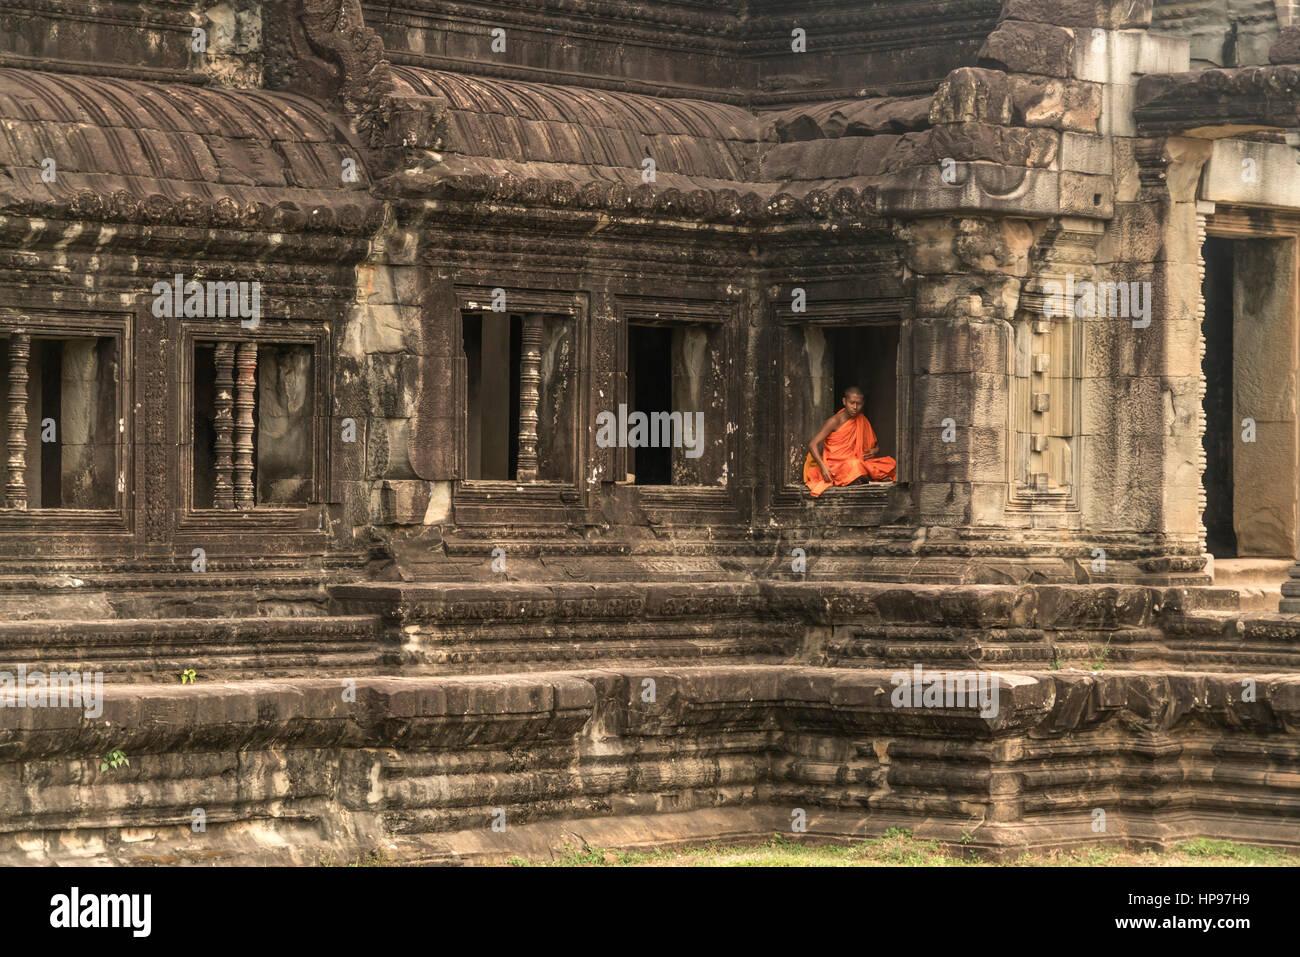 buddhistischer Mönch sitzt in einem Fenster, Tempelanlage Angkor Wat, Kambodscha, Asien     buddhist monk sitting Stock Photo